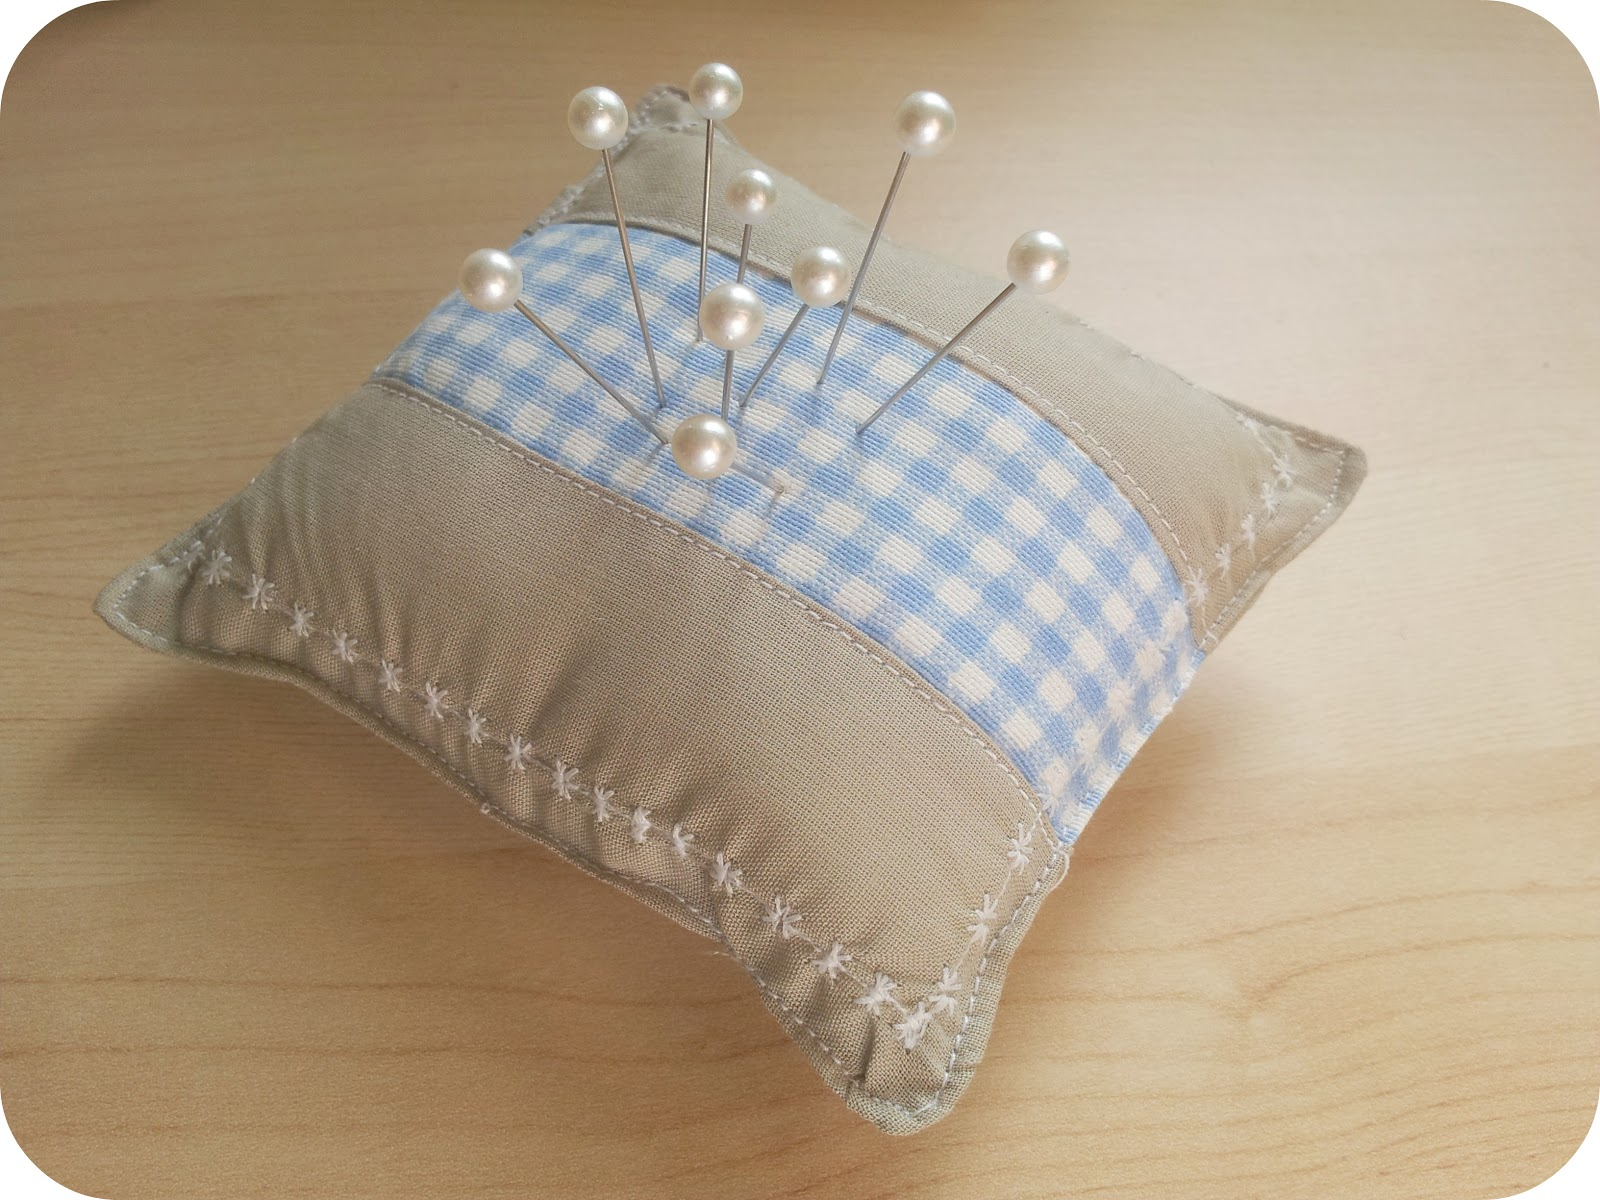 Srta pomelo diy un alfiletero patchwork sencillo - Como hacer cojines originales ...